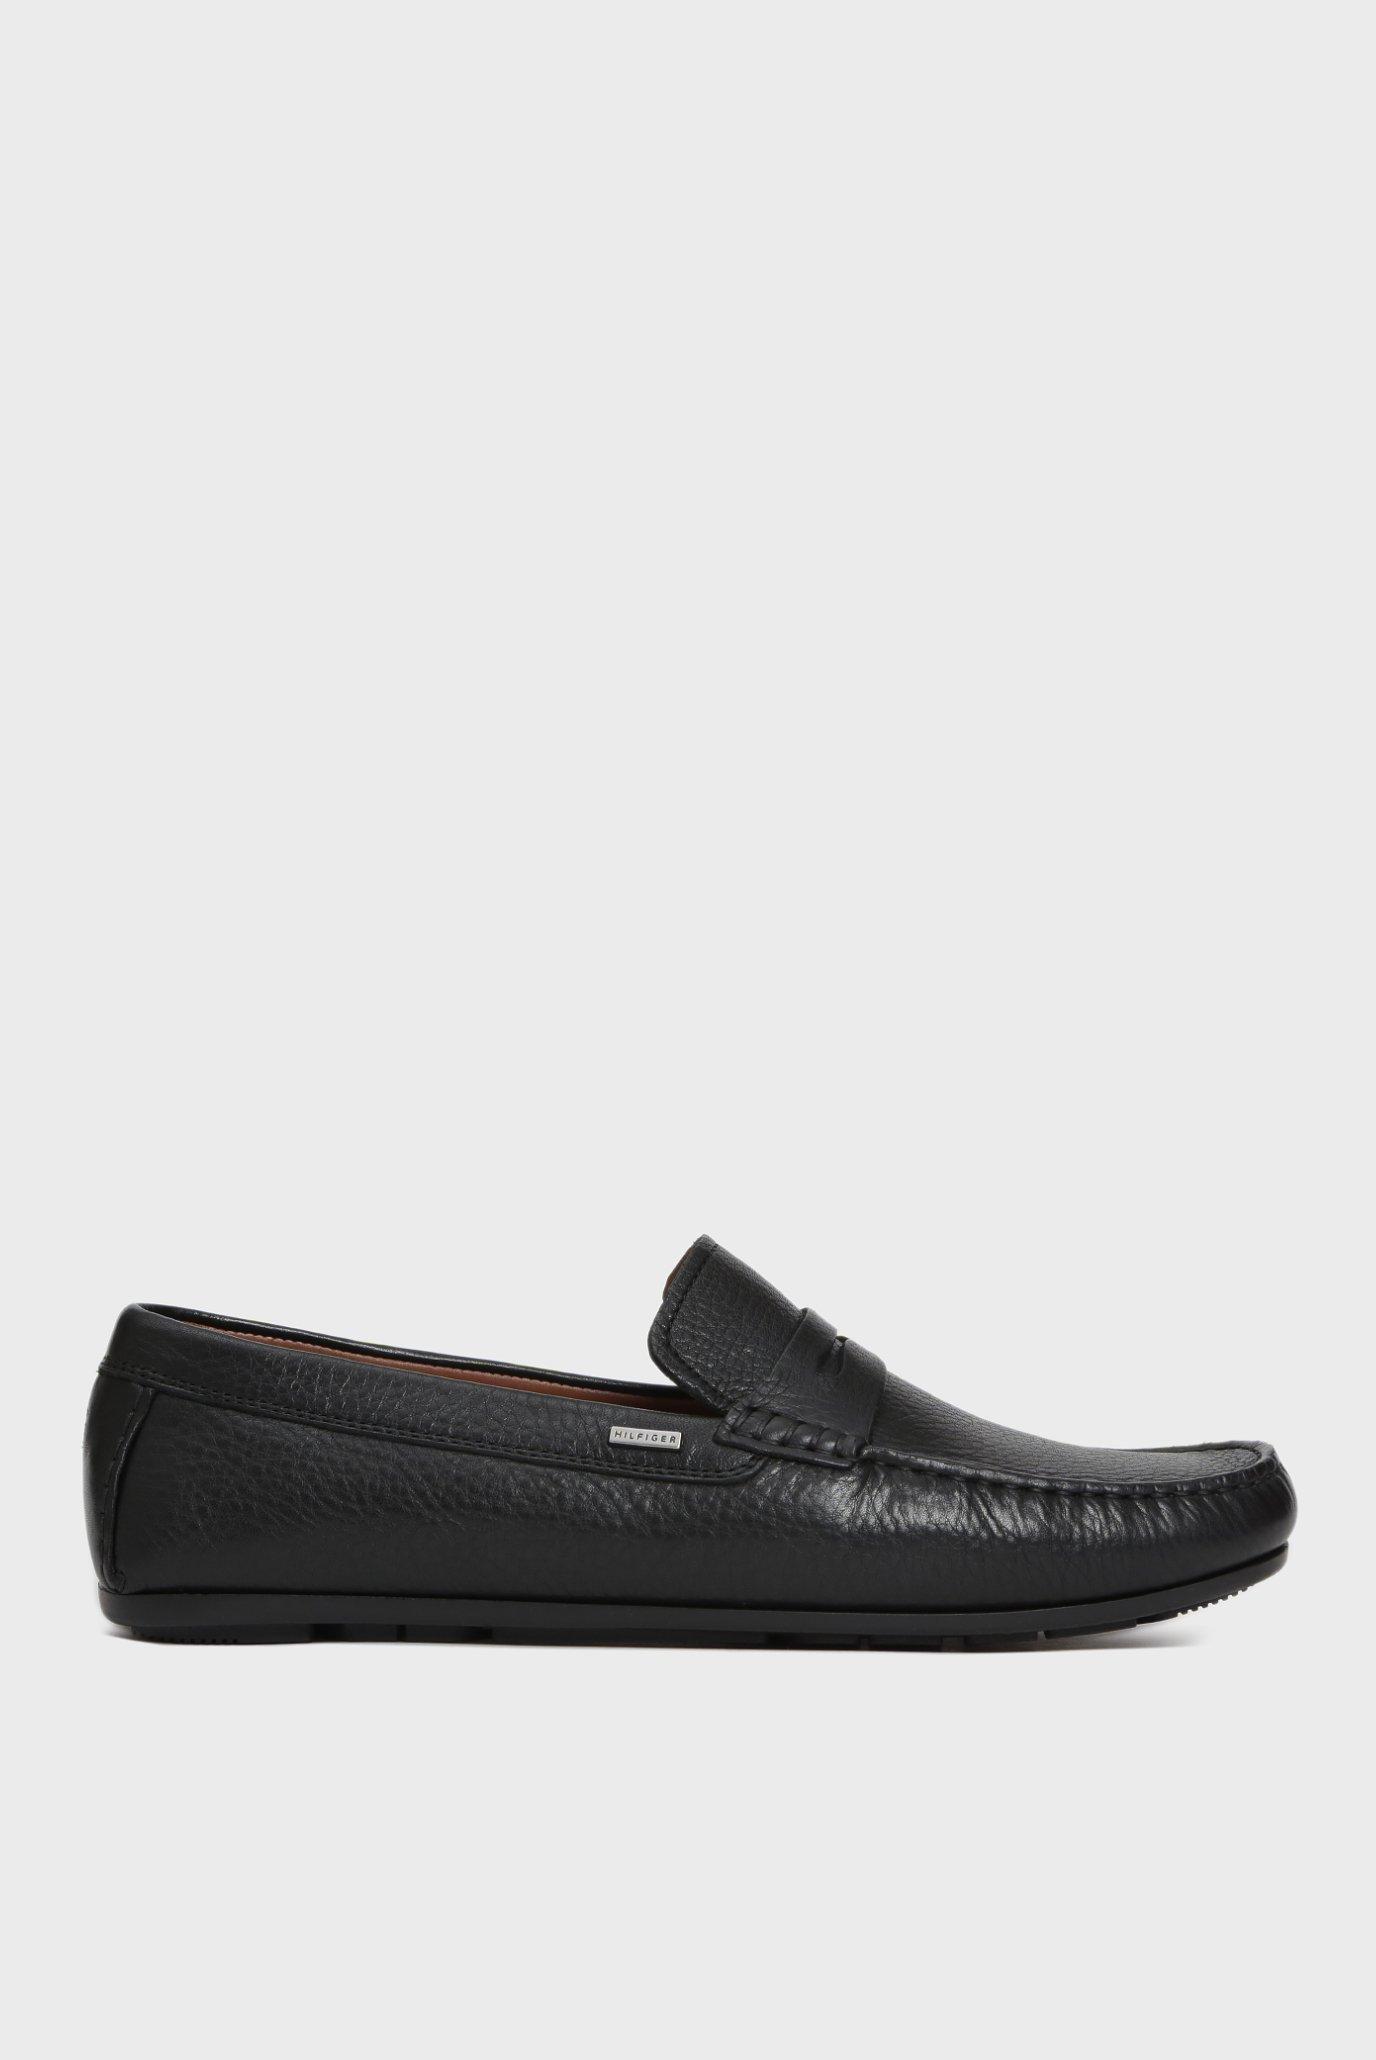 a0f0b9a92 Купить Мужские черные кожаные мокасины CLASSIC Tommy Hilfiger Tommy  Hilfiger FM0FM02111 – Киев, Украина. Цены в интернет магазине MD Fashion